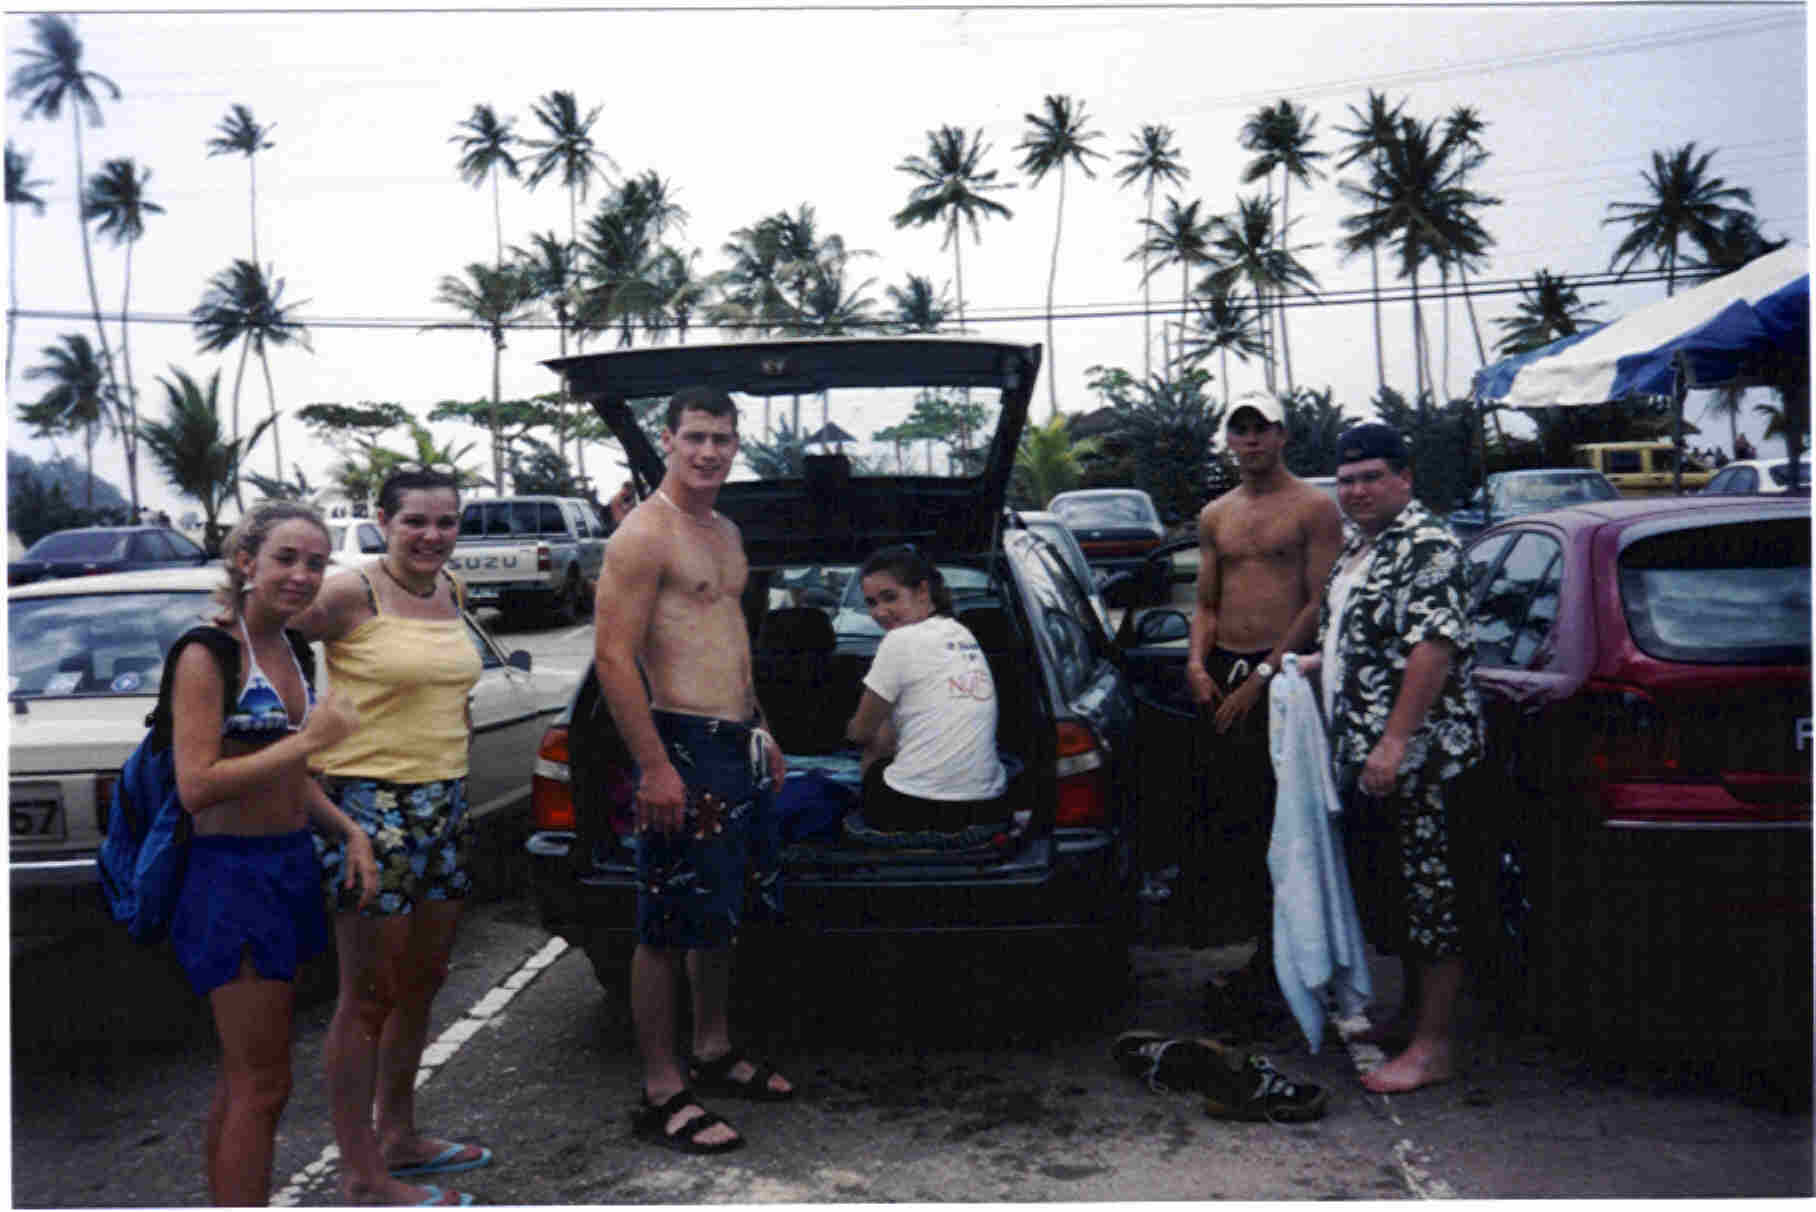 Maracas Parking Lot